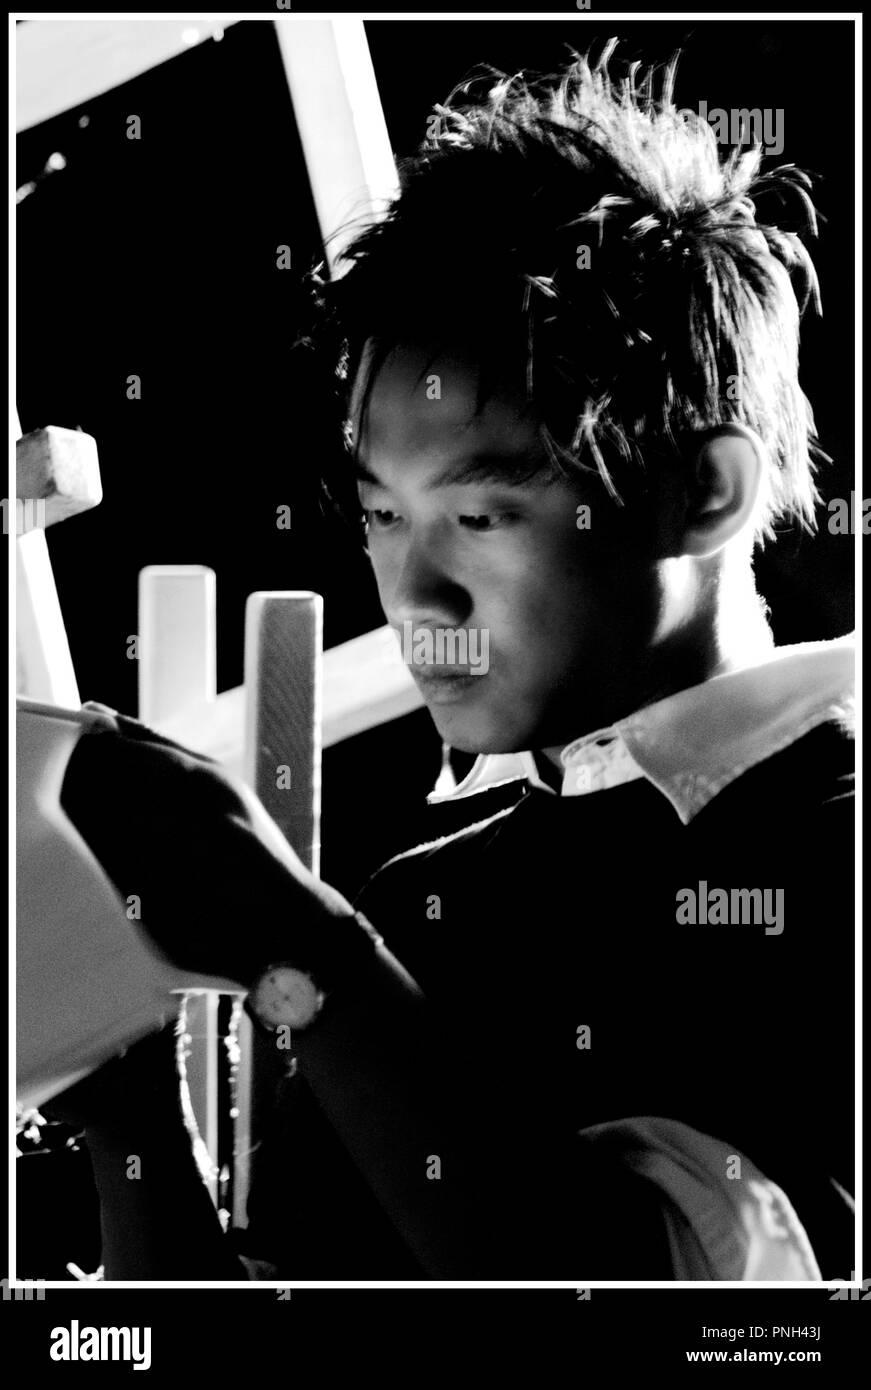 Prod DB © Alliance Films - Automatik Ent. - Blumhouse Prod./ DR INSIDIOUS de James Wan 2010 USA avec James Wan sur le tournage - Stock Image